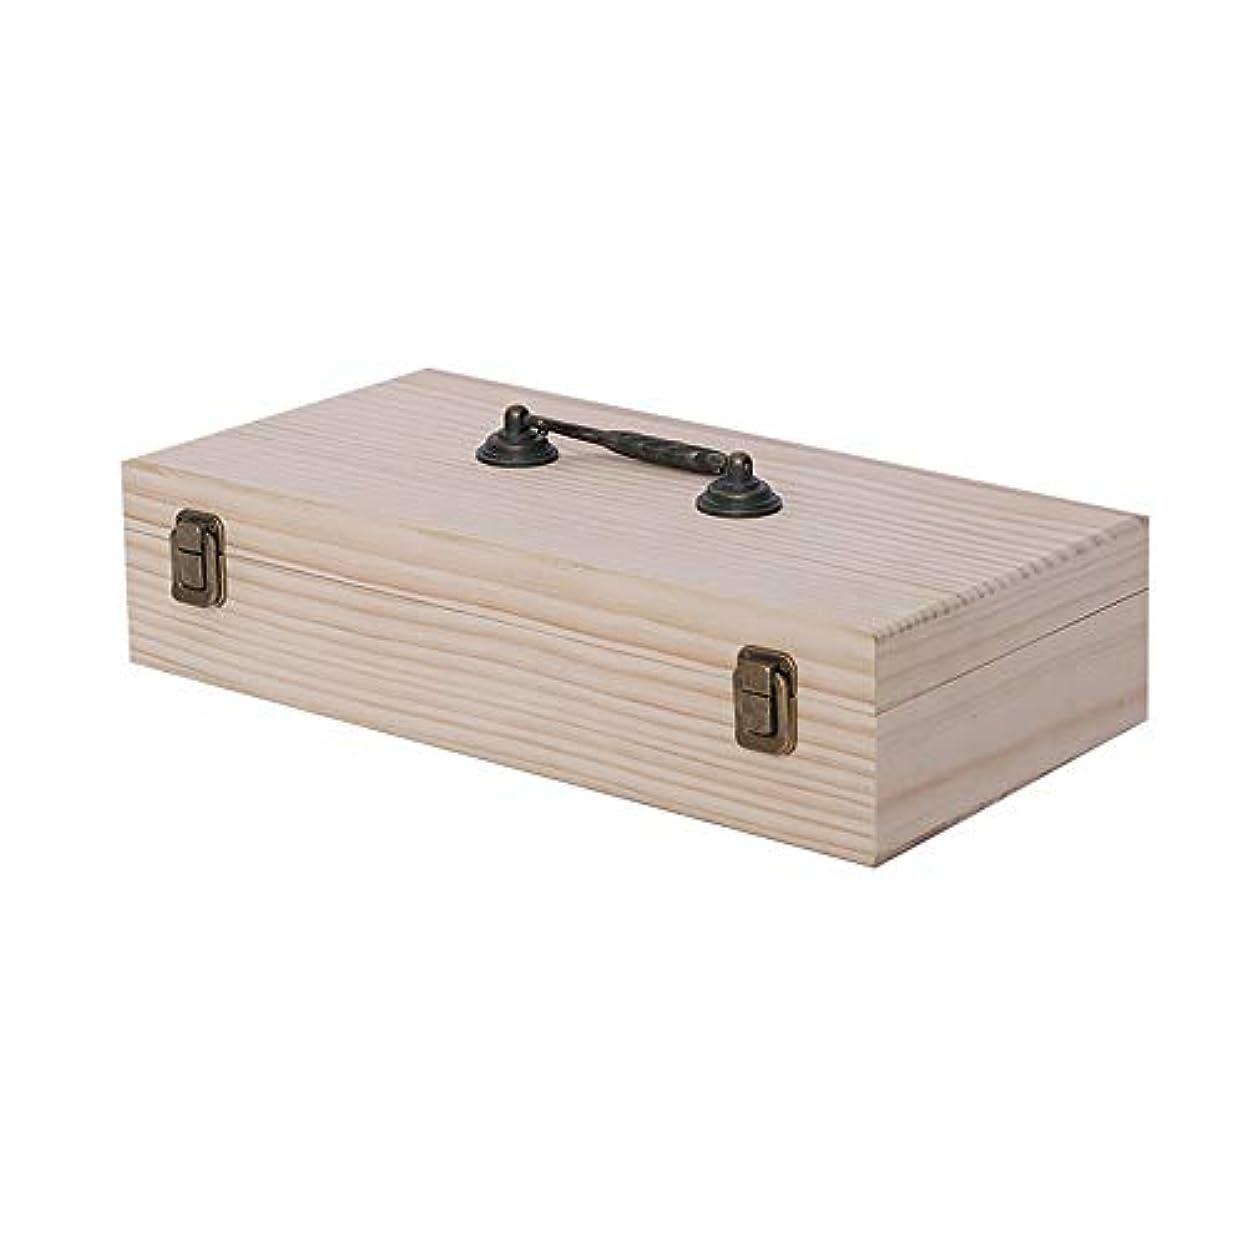 合併ダース摘むエッセンシャルオイルボックス エレガントな装飾デザインに有意な保護5?15ミリリットルボトル用キャリングケース46個のスロット木製の精油収納ボックス アロマセラピー収納ボックス (色 : Natural, サイズ : 36.5X18.5X8.5CM)